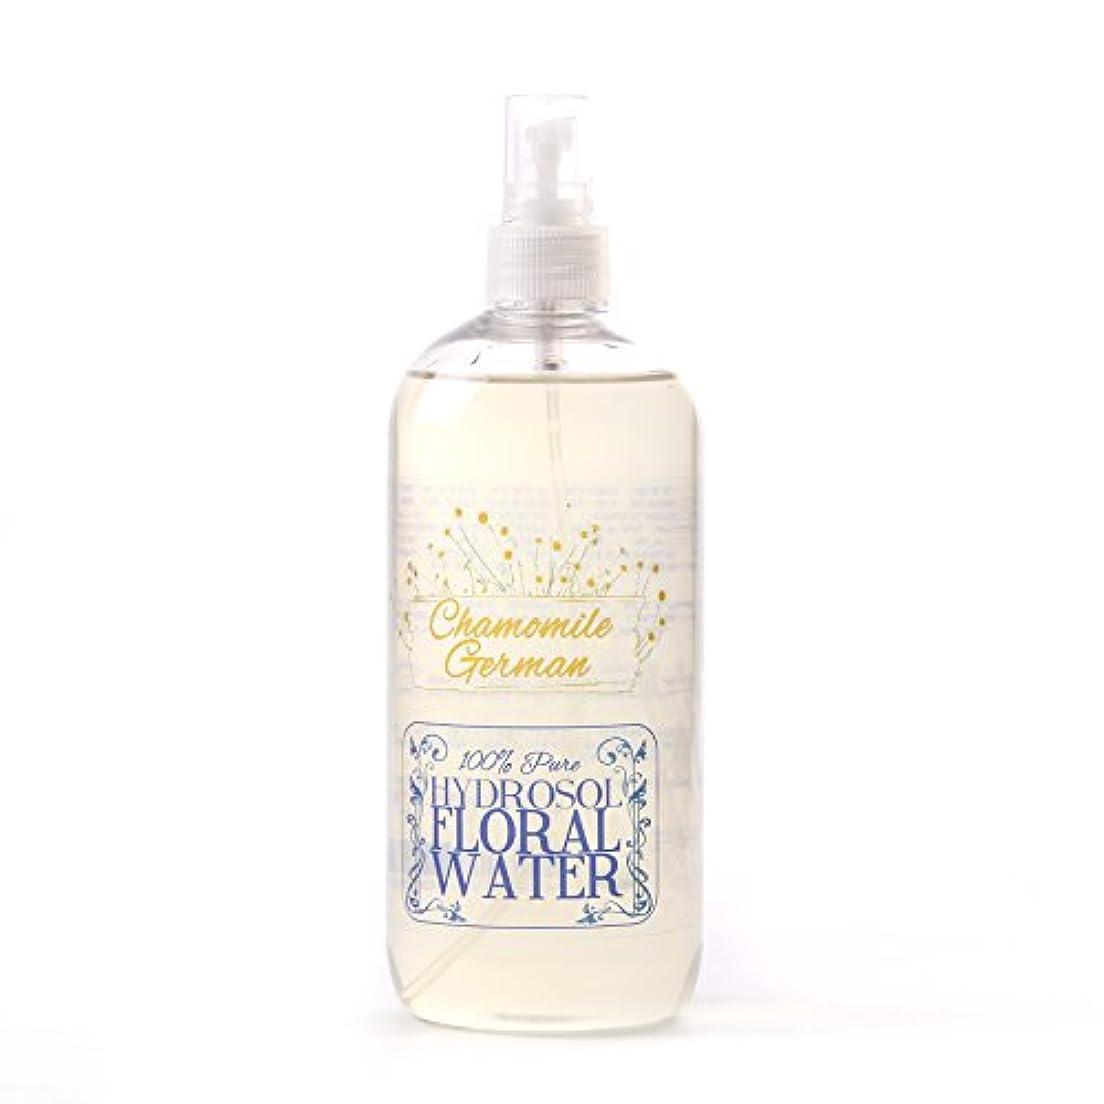 鉄奴隷ダニGerman Chamomile Hydrosol Floral Water With Spray Cap - 500ml